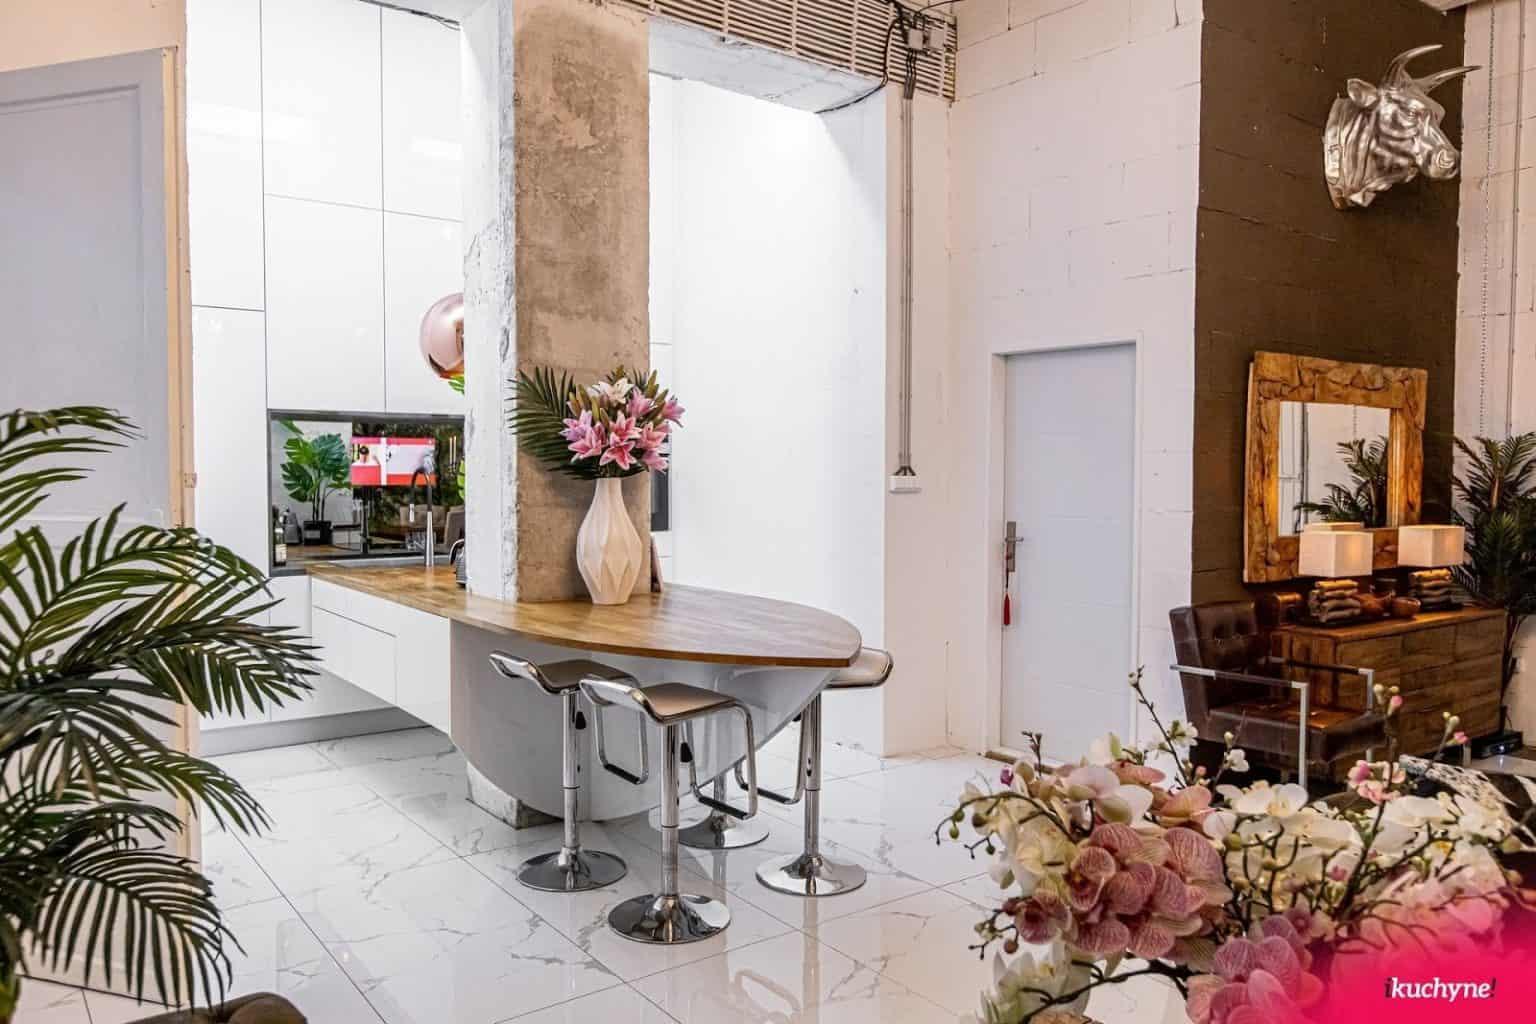 Kamenná dlažba je obľúbená voľba pri rozhodovaním aká podlaha do kuchyne je vhodná. Ľahko sa udržuje, čistí a vyzerá rovnako dobre ako drevená. Zdroj: iKuchyne.sk